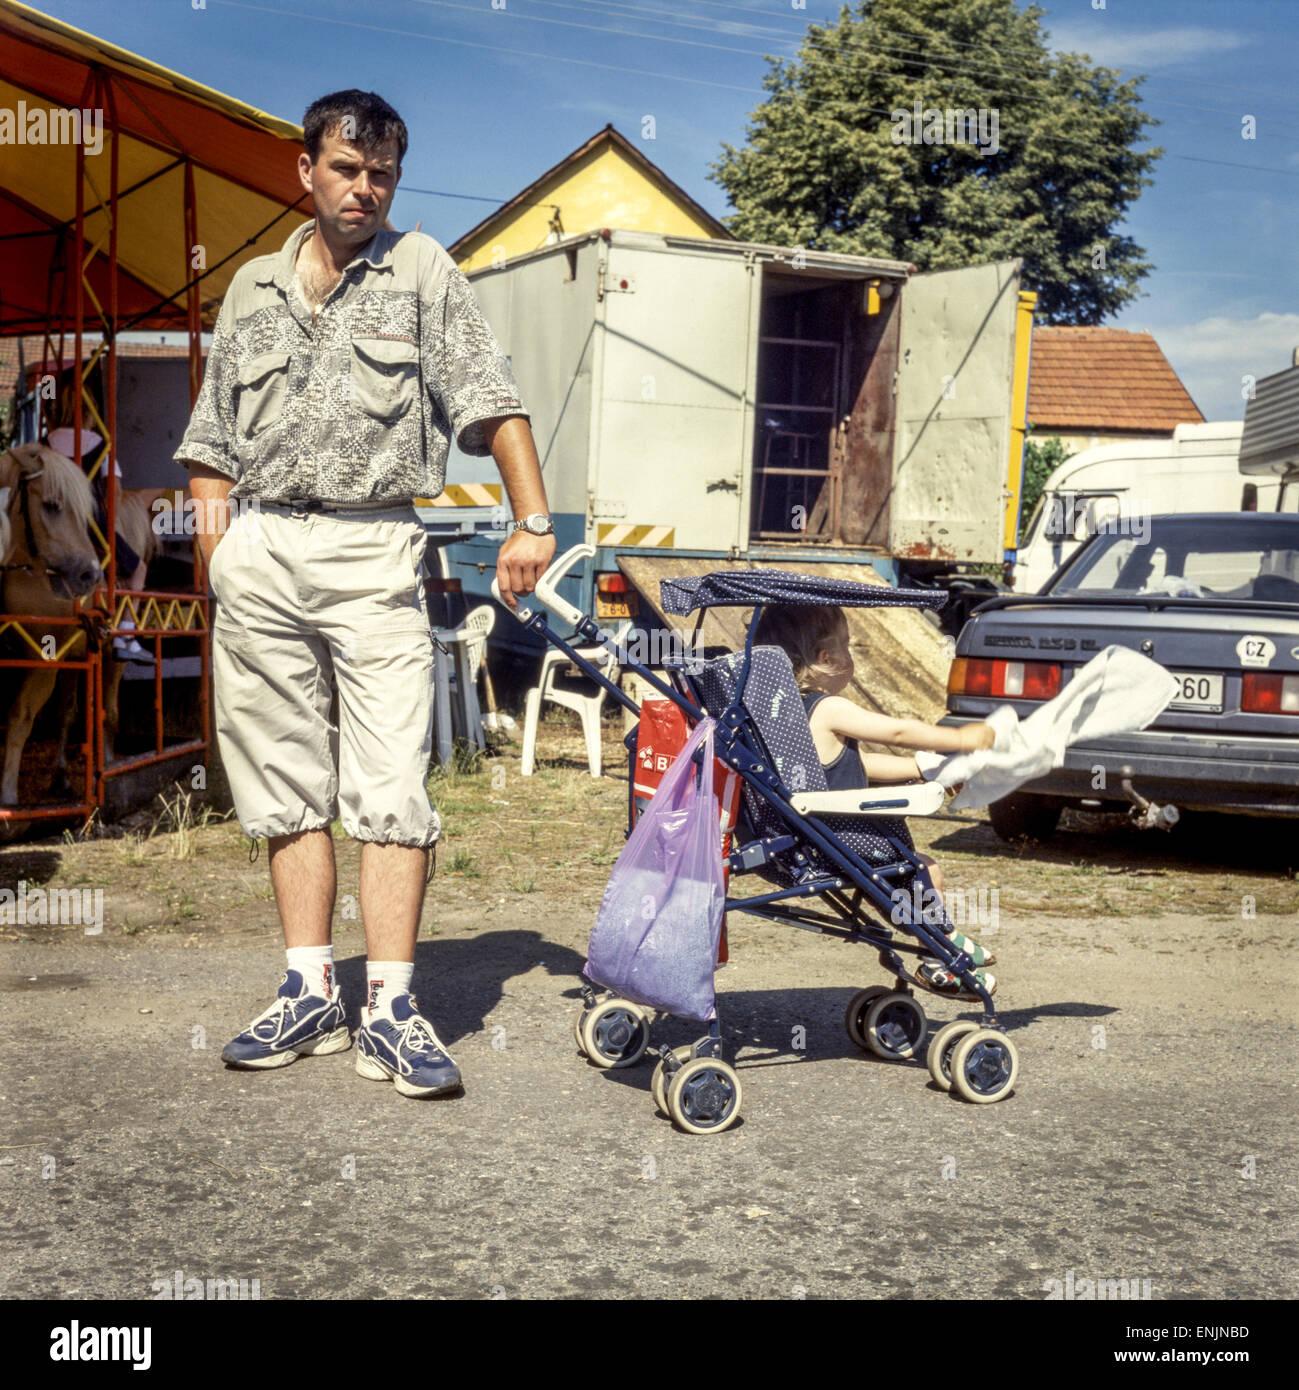 Mann mit einem Kinderwagen am Stadtfest, Tschechische Republik Stockbild